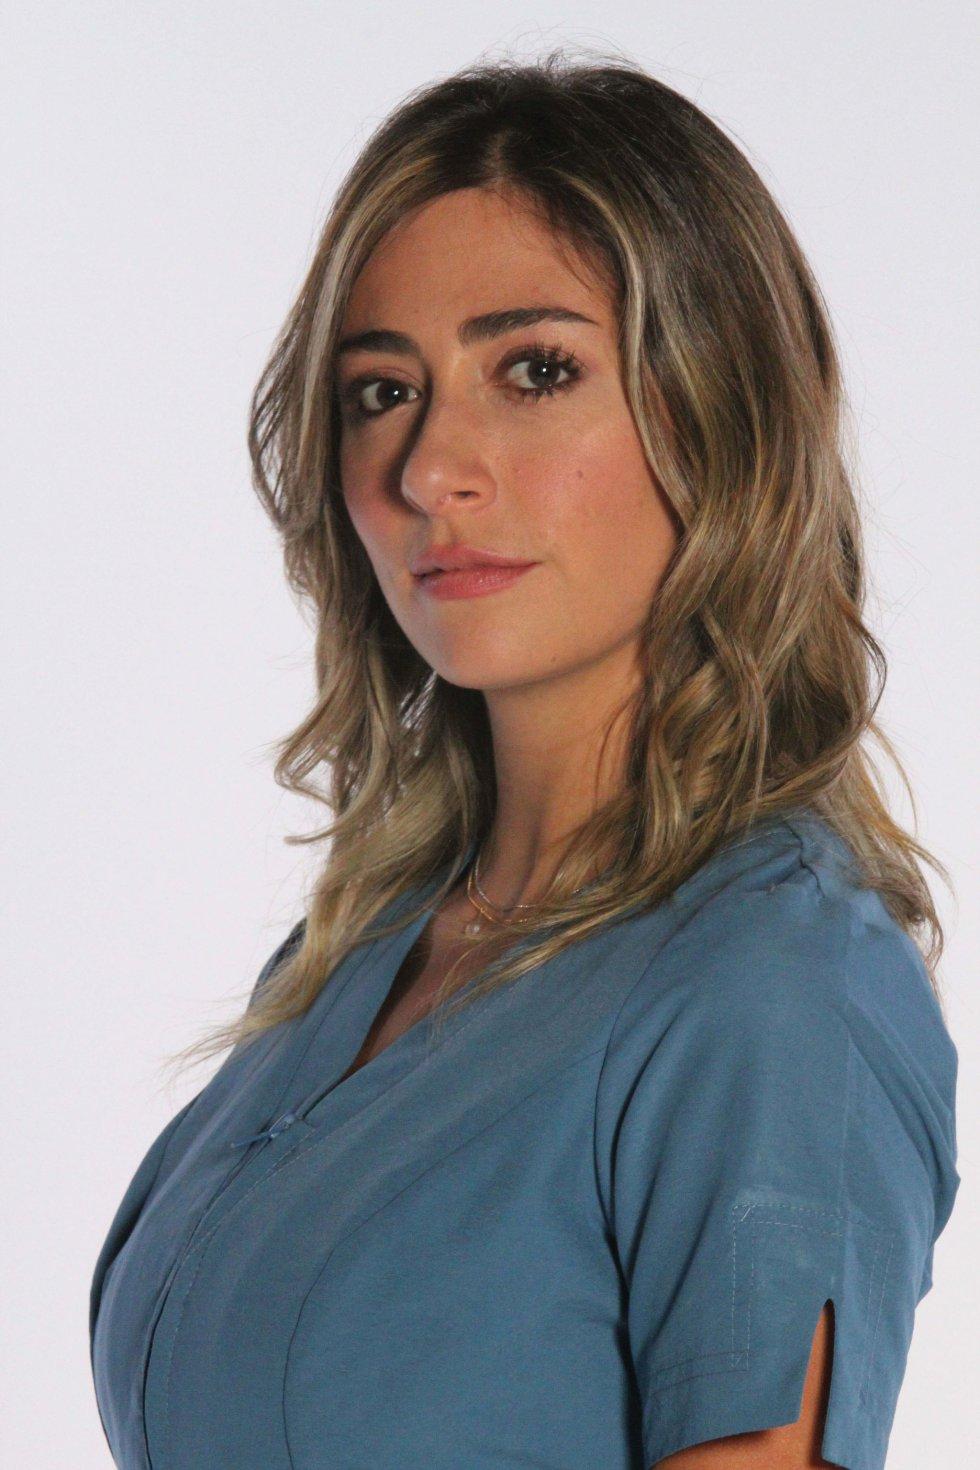 Verónica Orozco, personificó a Maria Alejandra en 'A corazón abierto' en el año 2011.